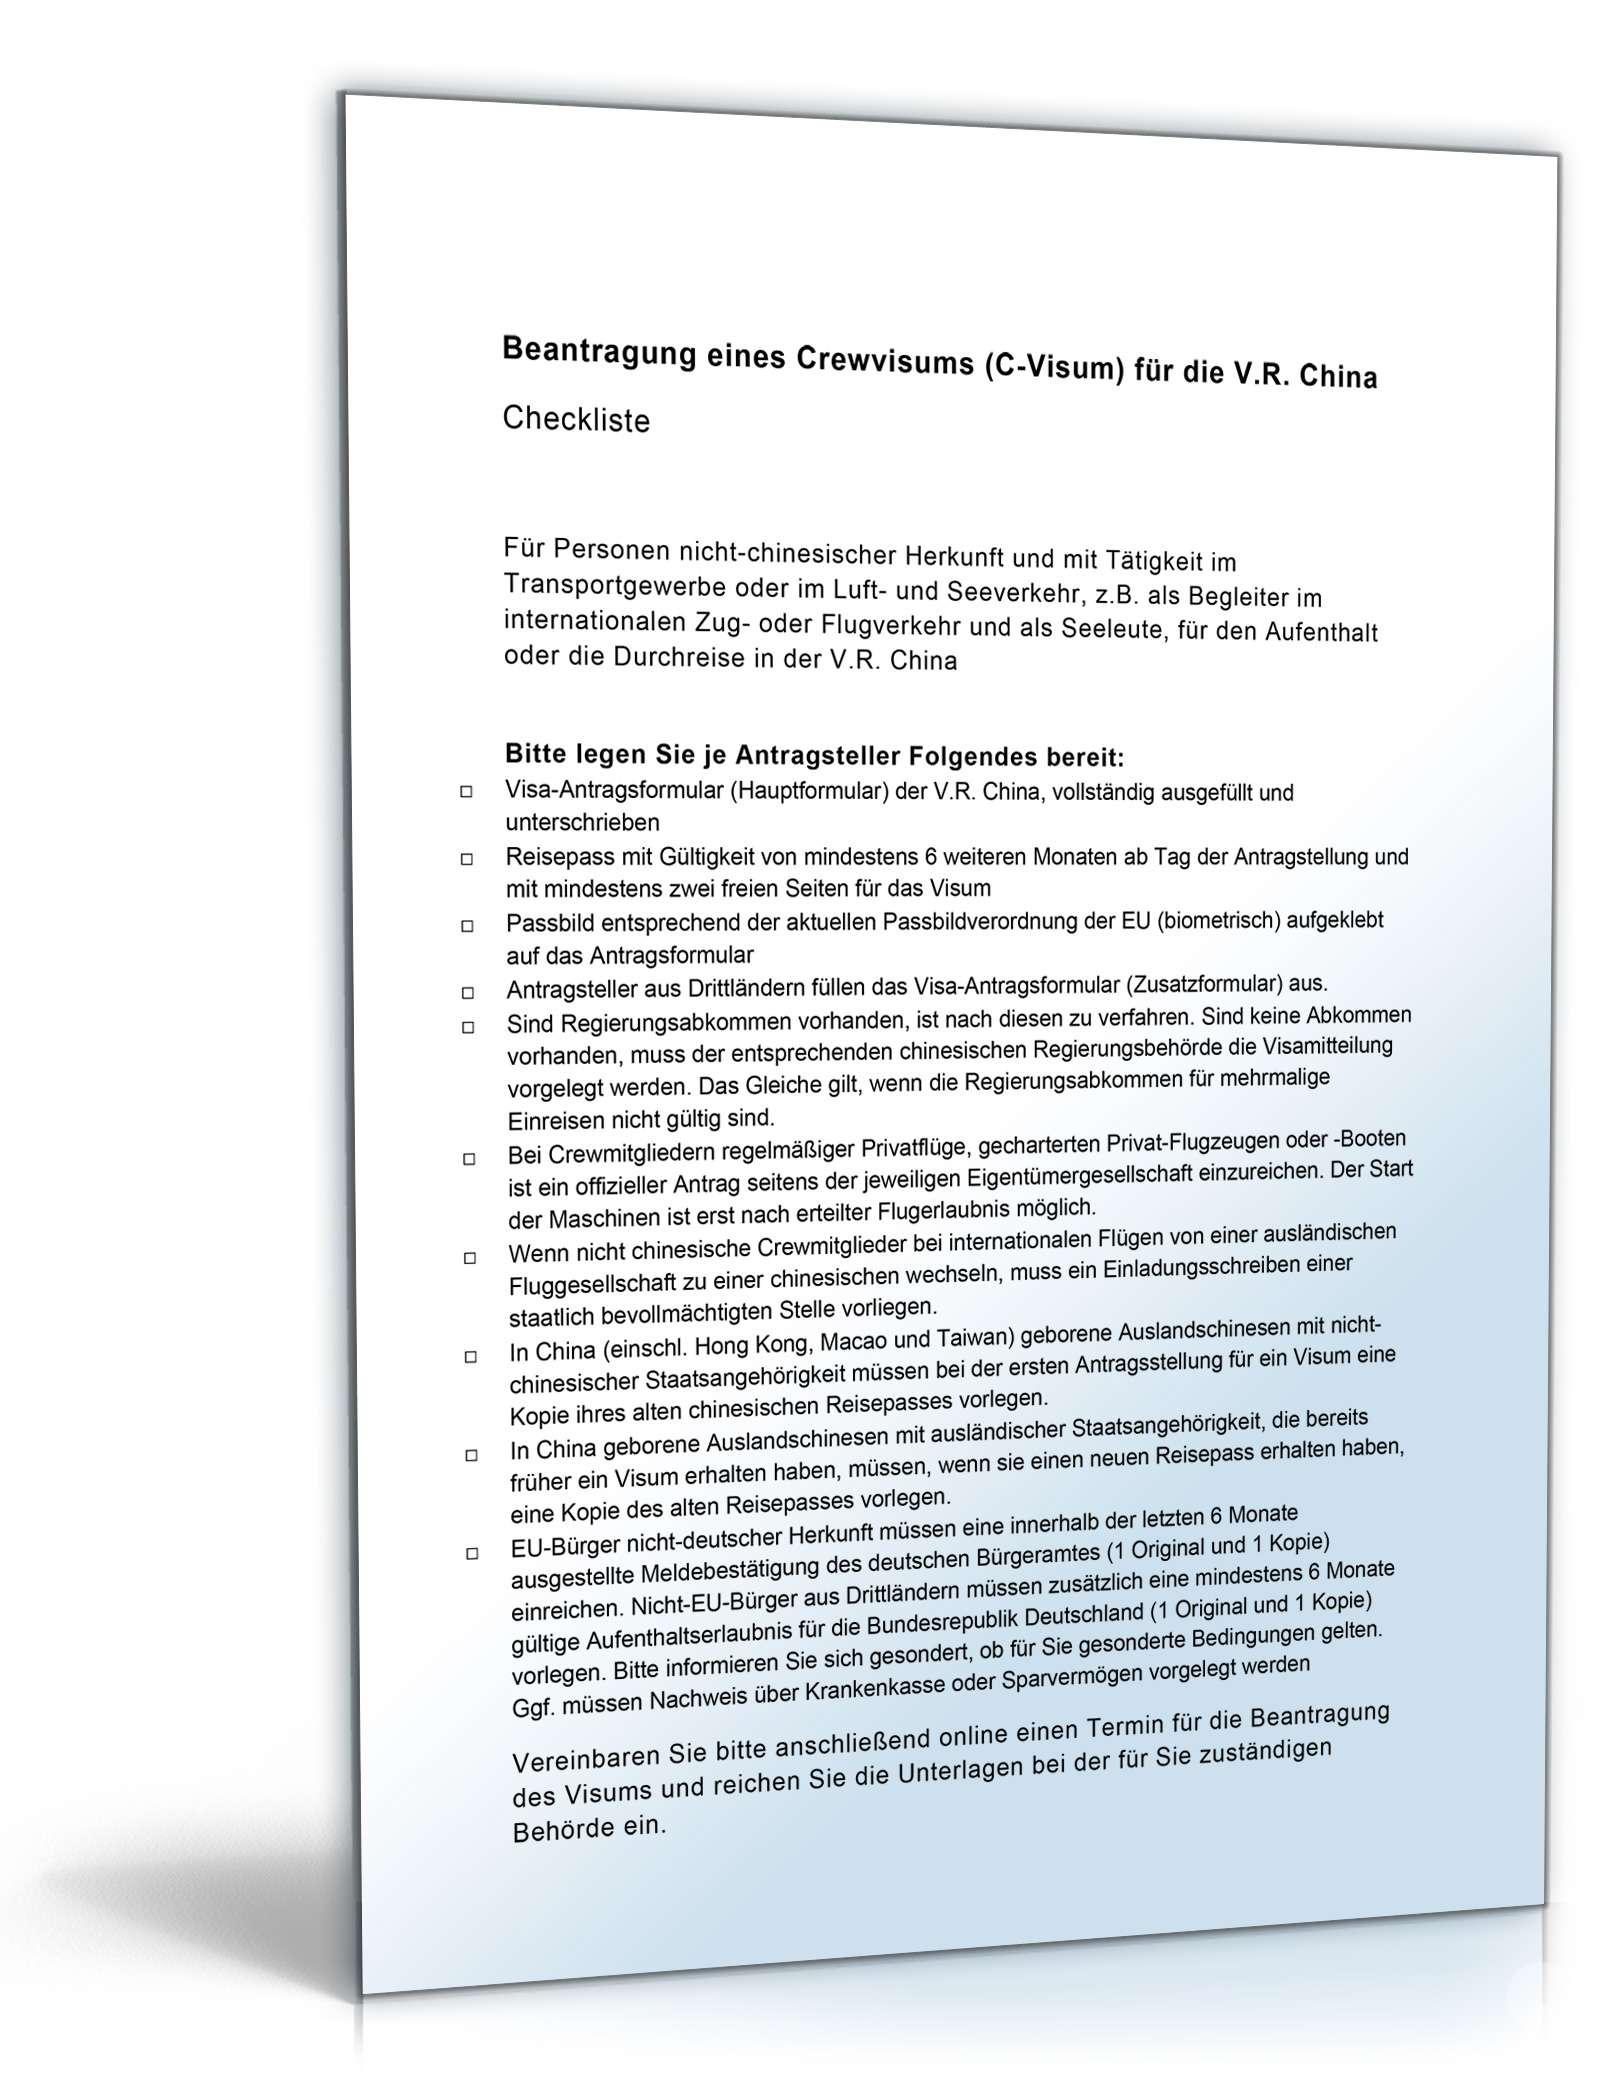 Download Archiv • Office & Unternehmen (Kostenpflichtig ...